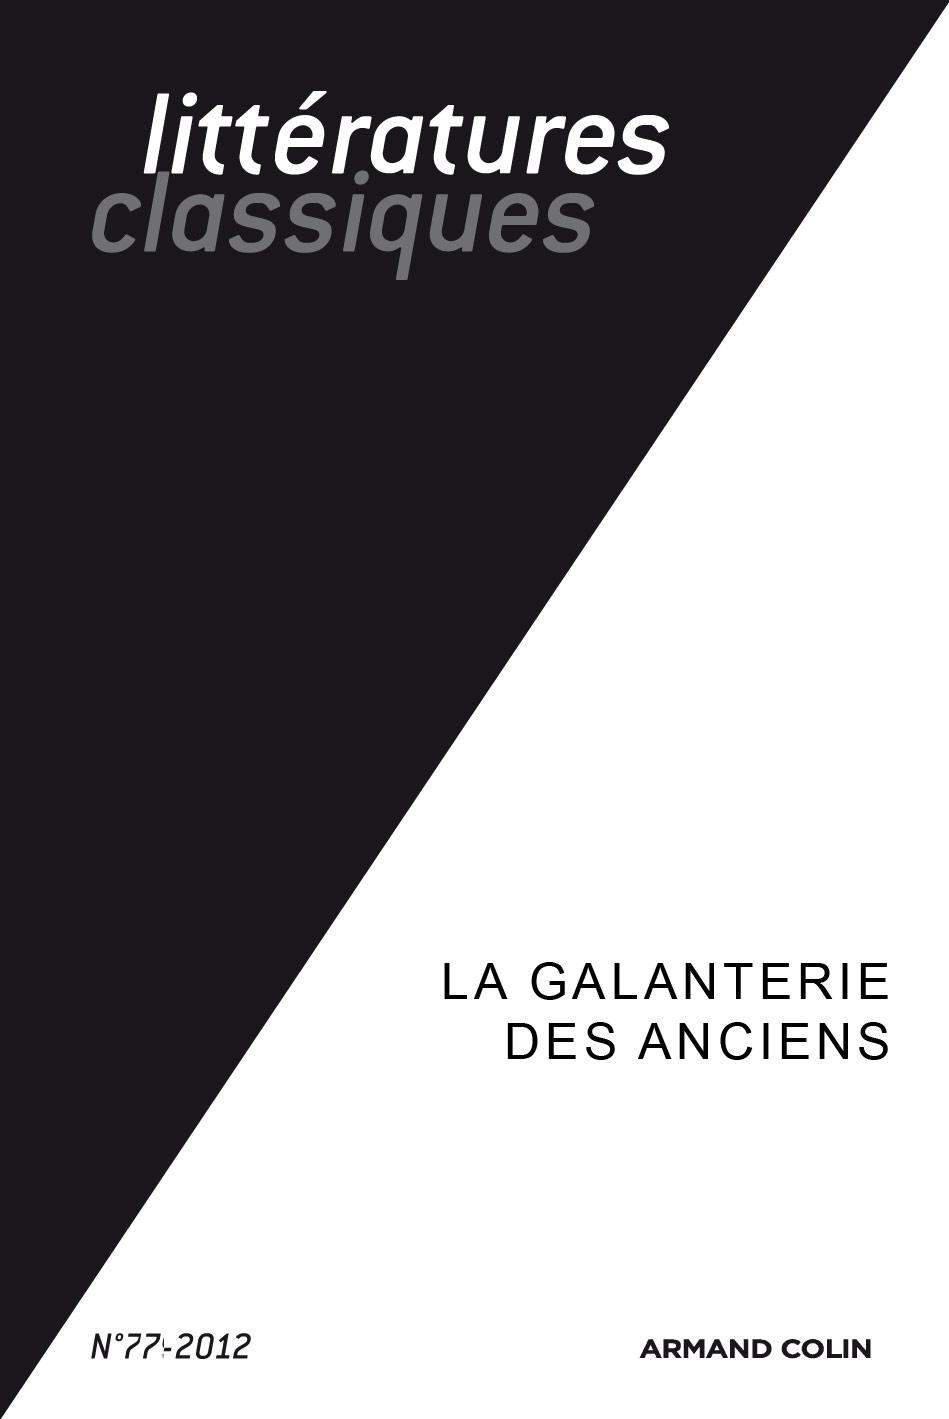 GAULE CÉSAR LA TÉLÉCHARGER CONQUÉRANT DE JULES